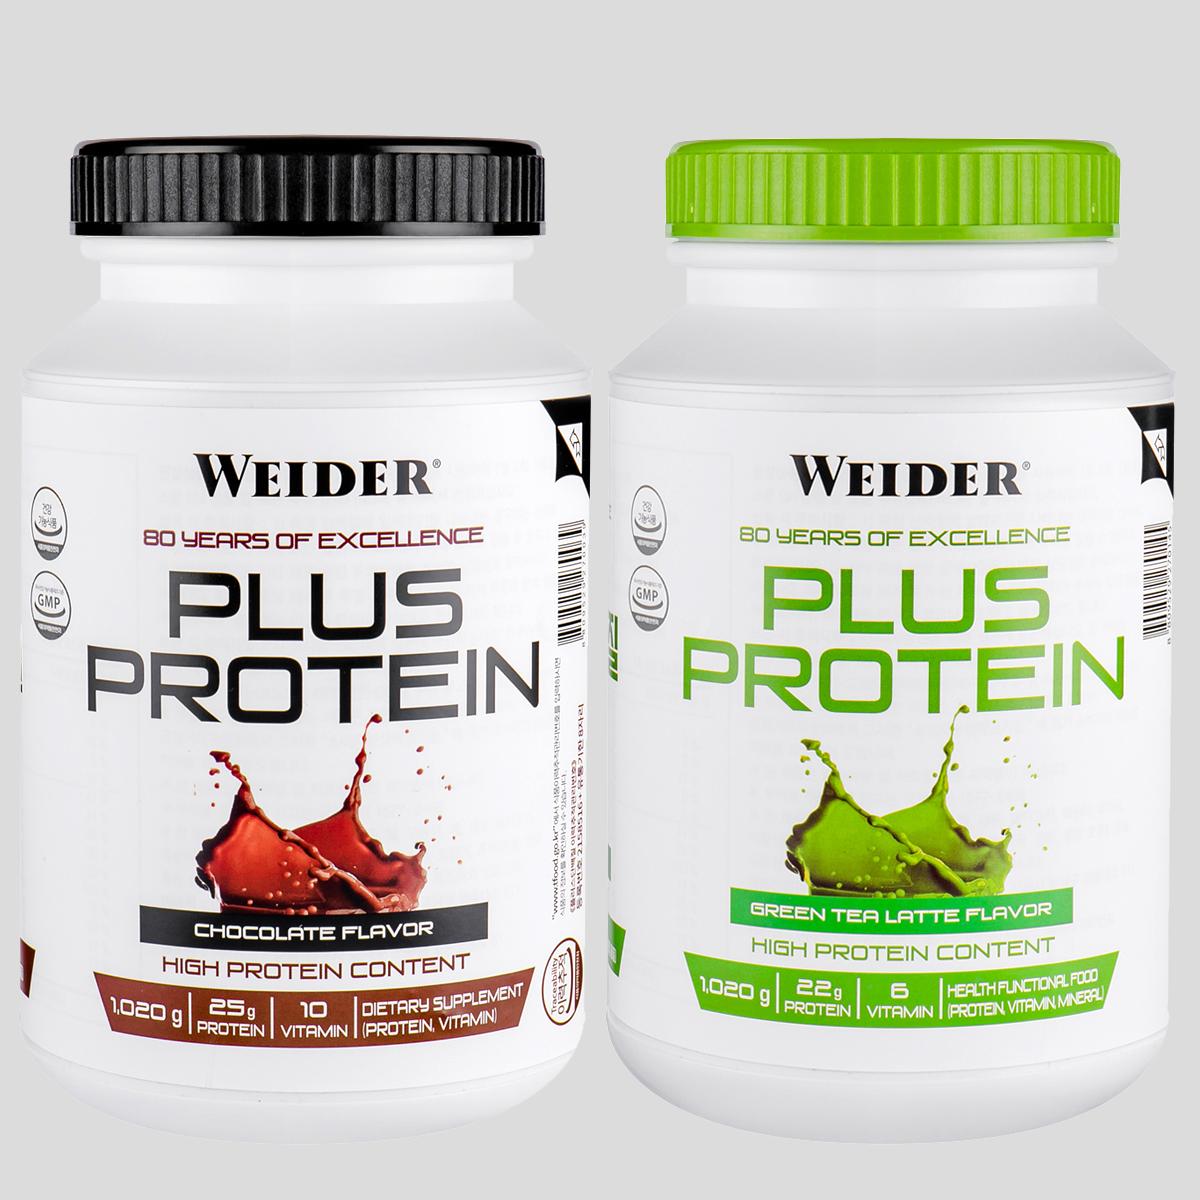 웨이더 플러스 단백질